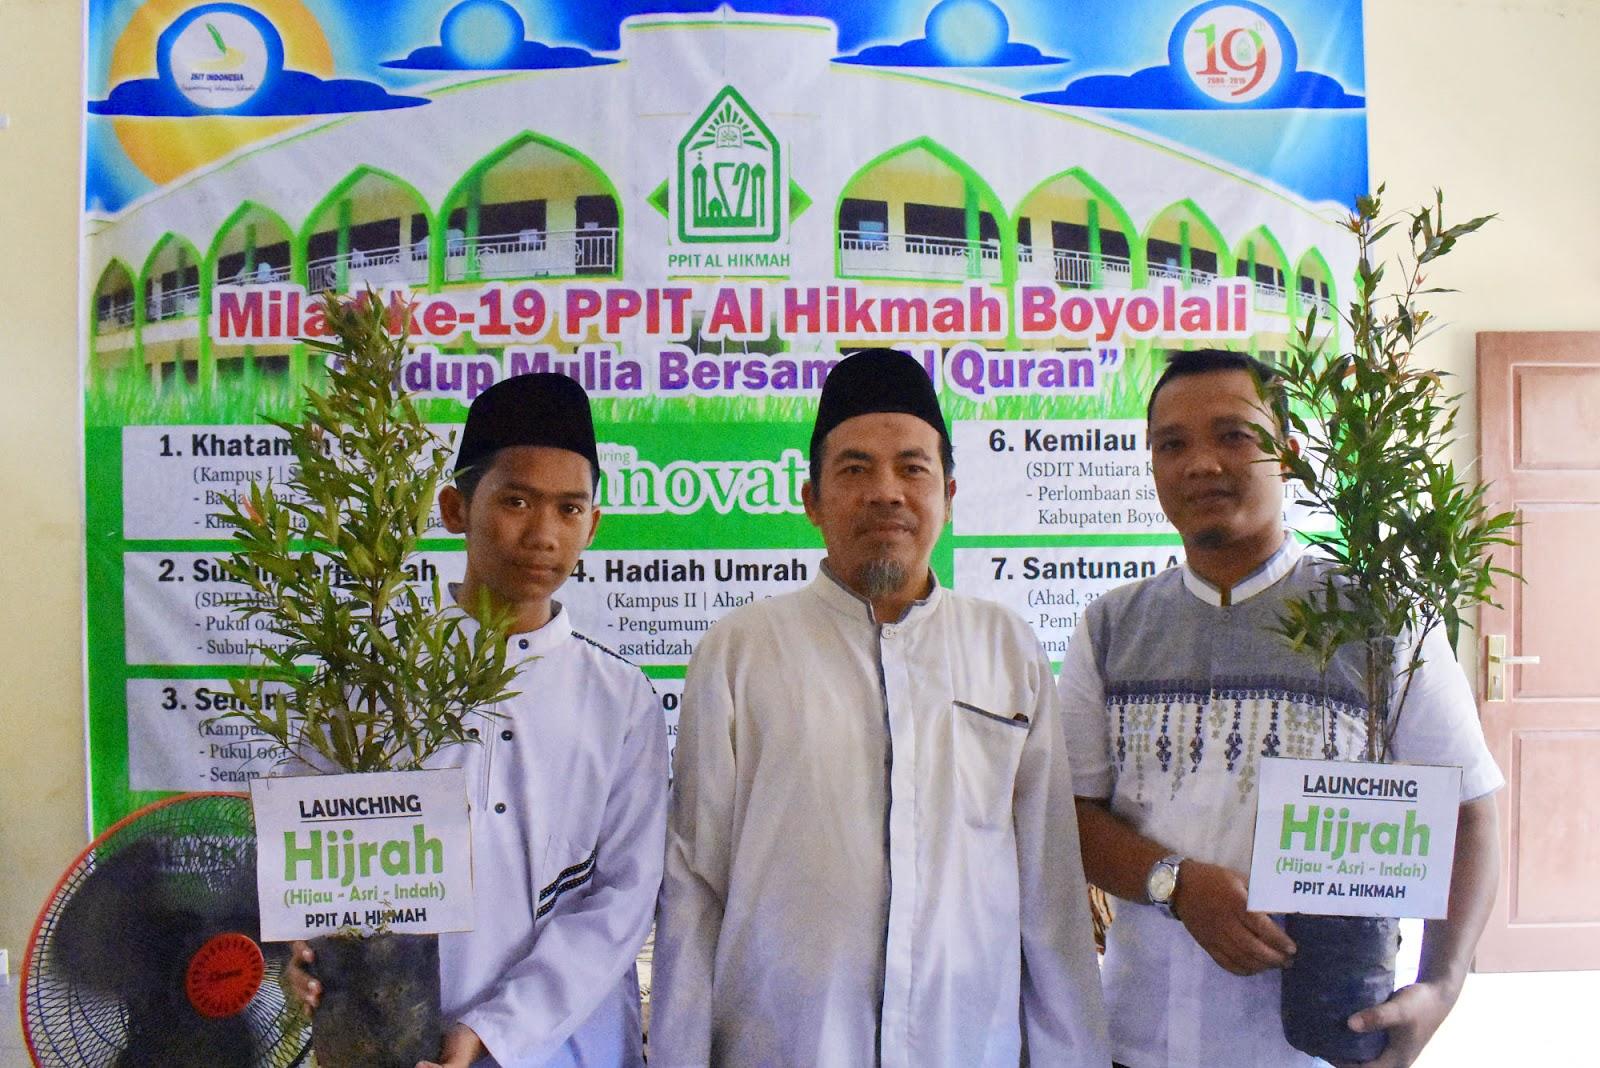 Launching HIJRAH, PPIT Al Hikmah Boyolali Diharapkan Jadi Percontohan Penghijauan di Indonesia